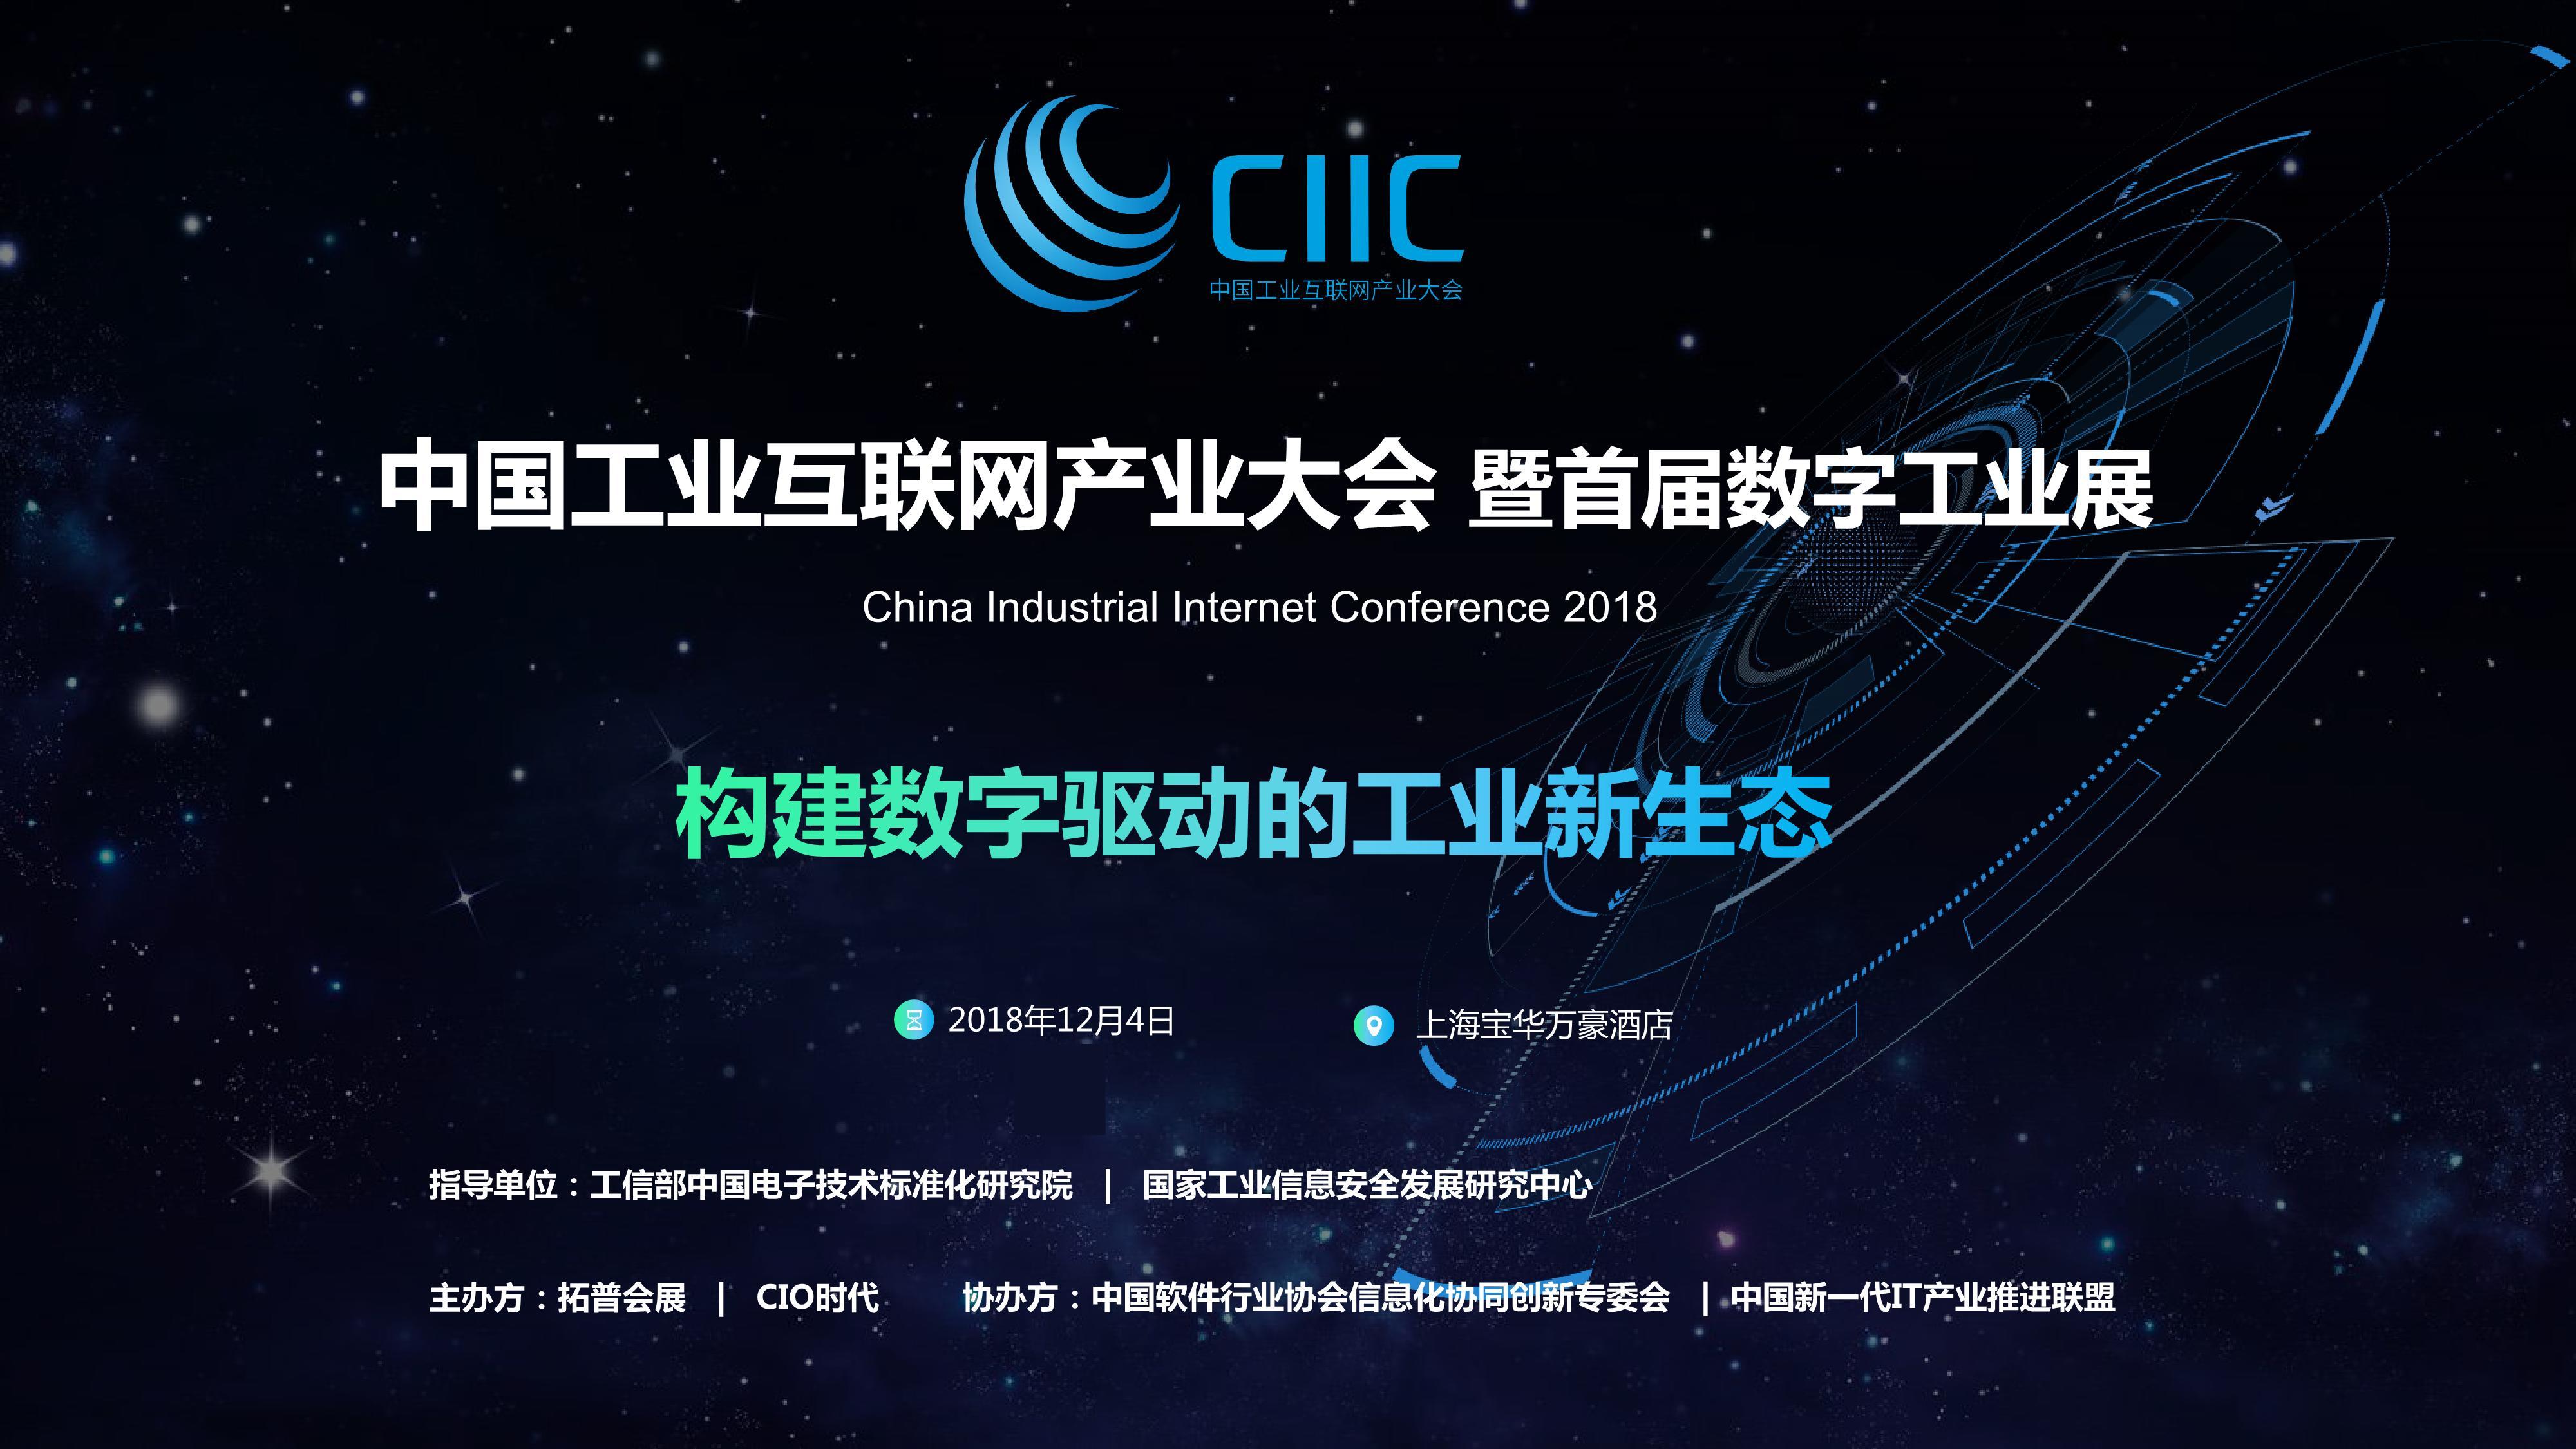 2018中国工业互联网产业大会暨工业互联网技术及智能设备展